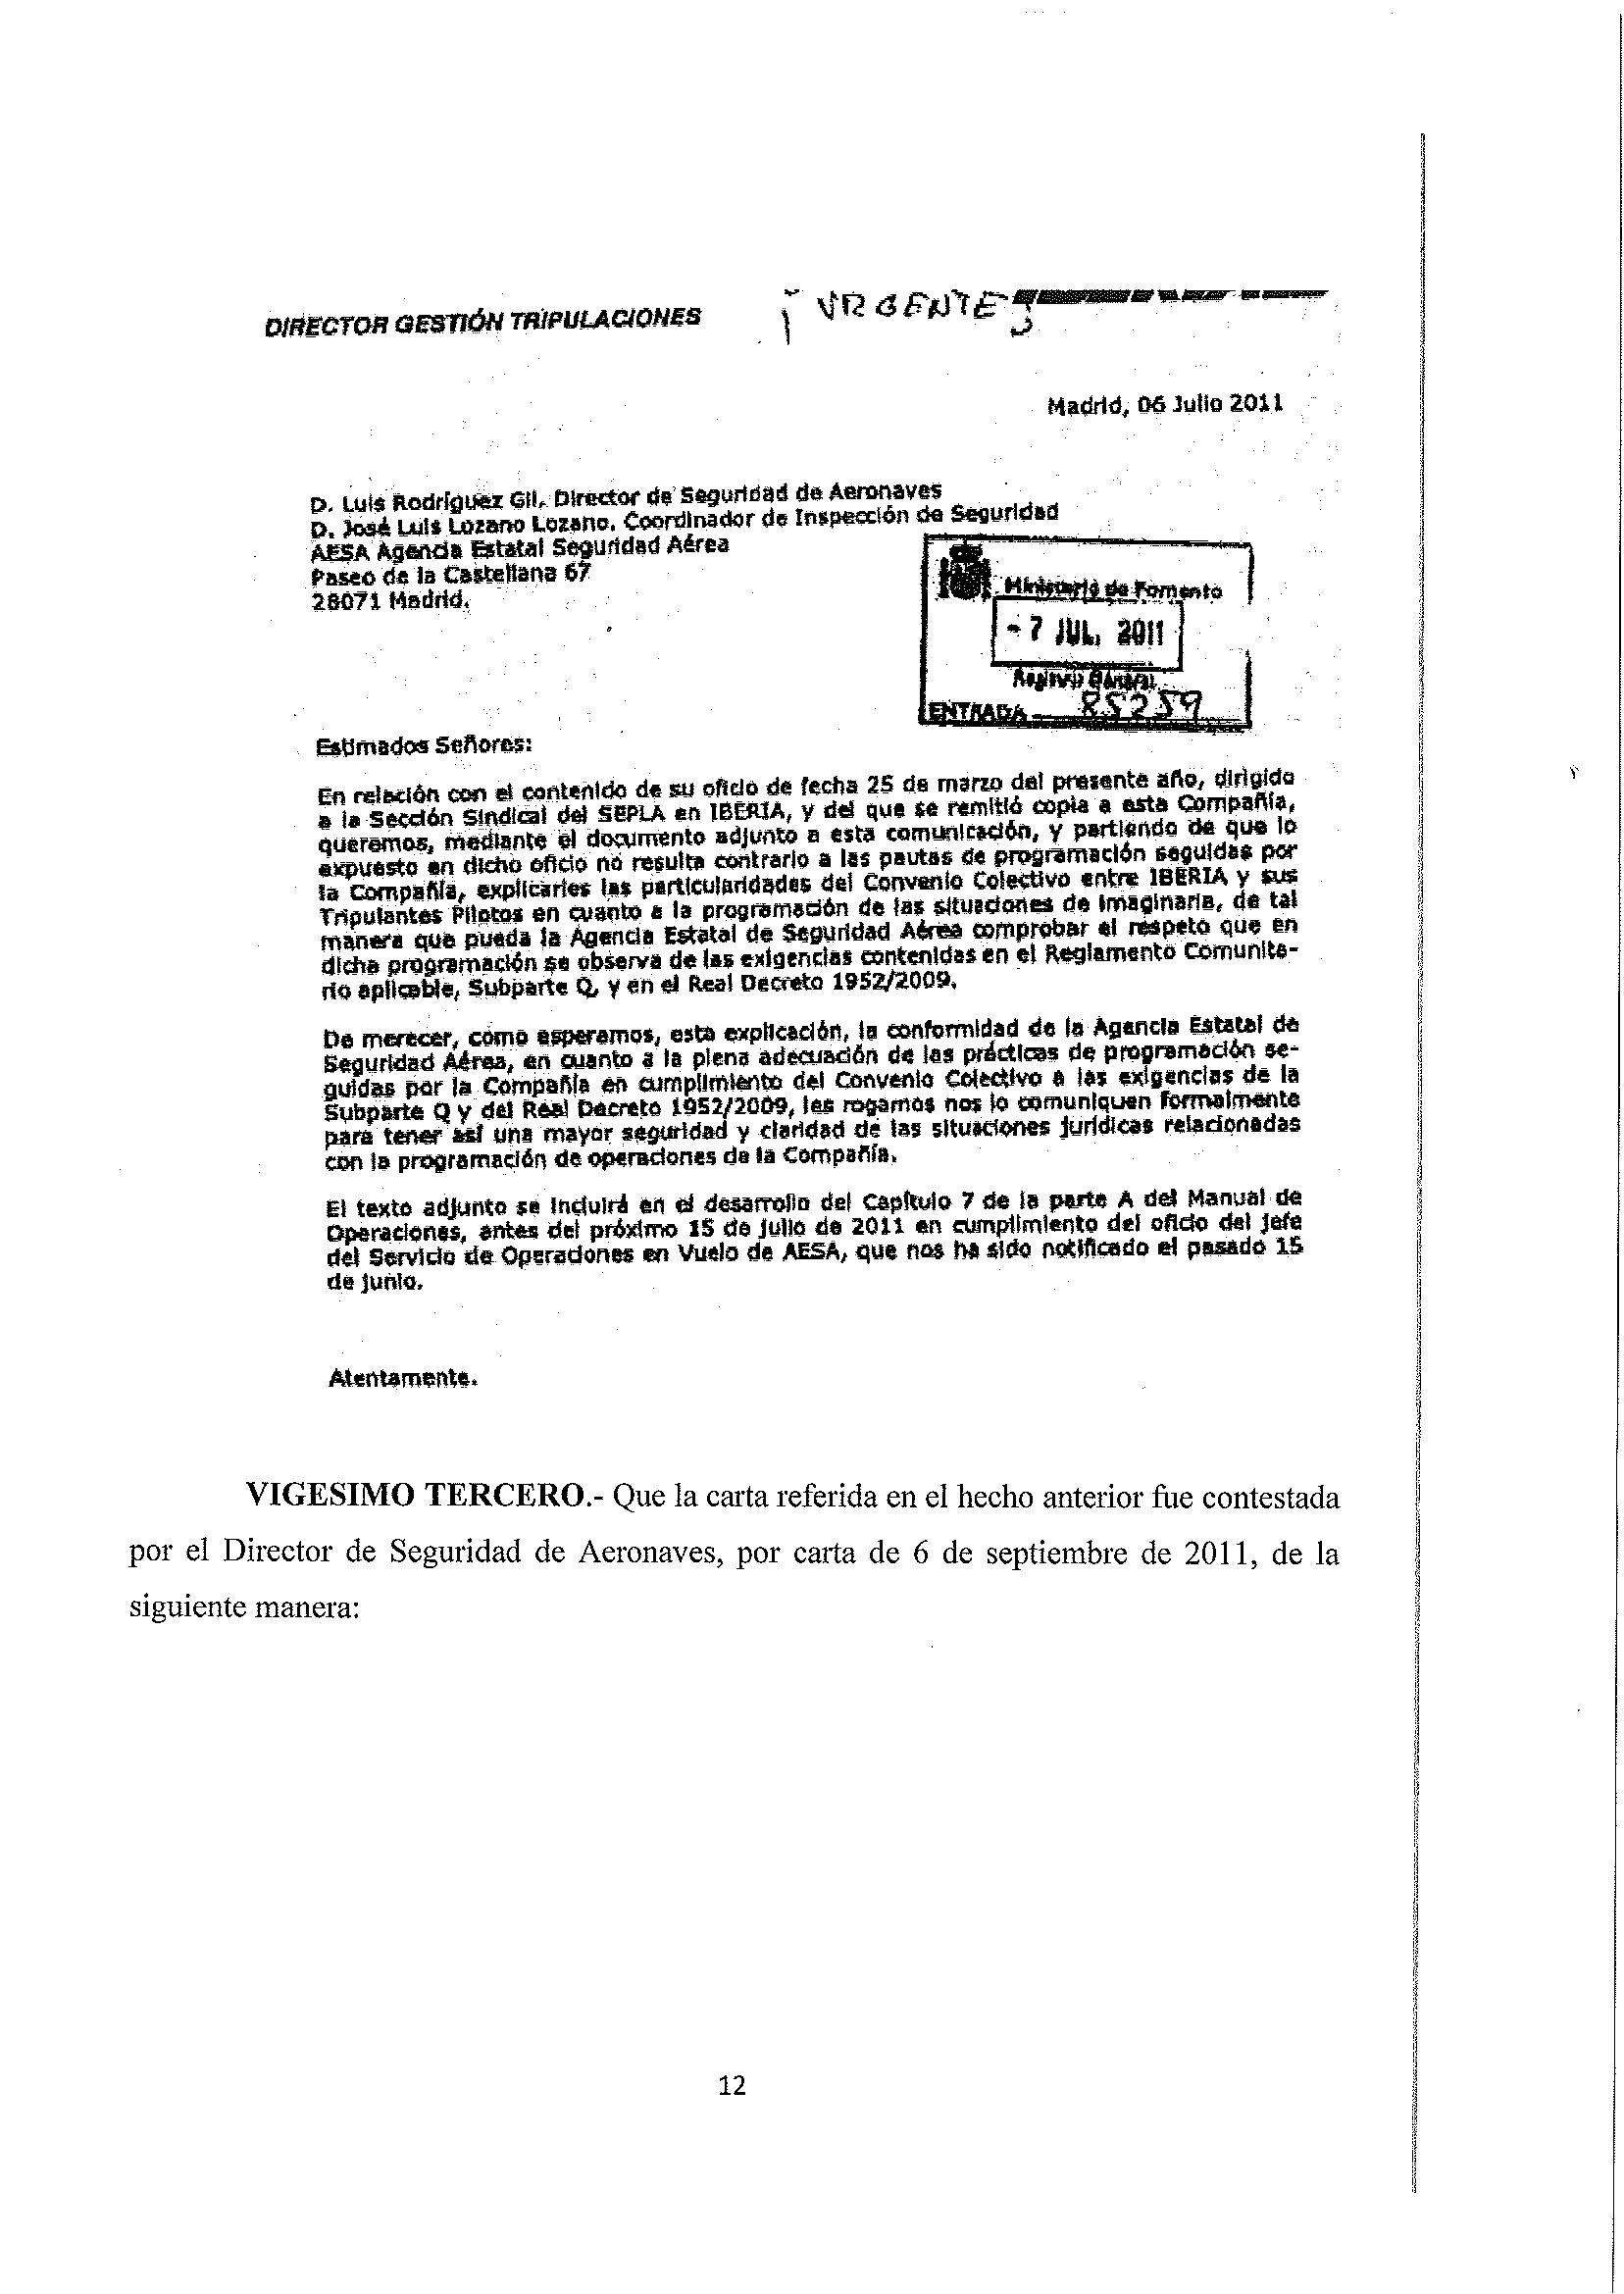 Petición de información de IBERIA